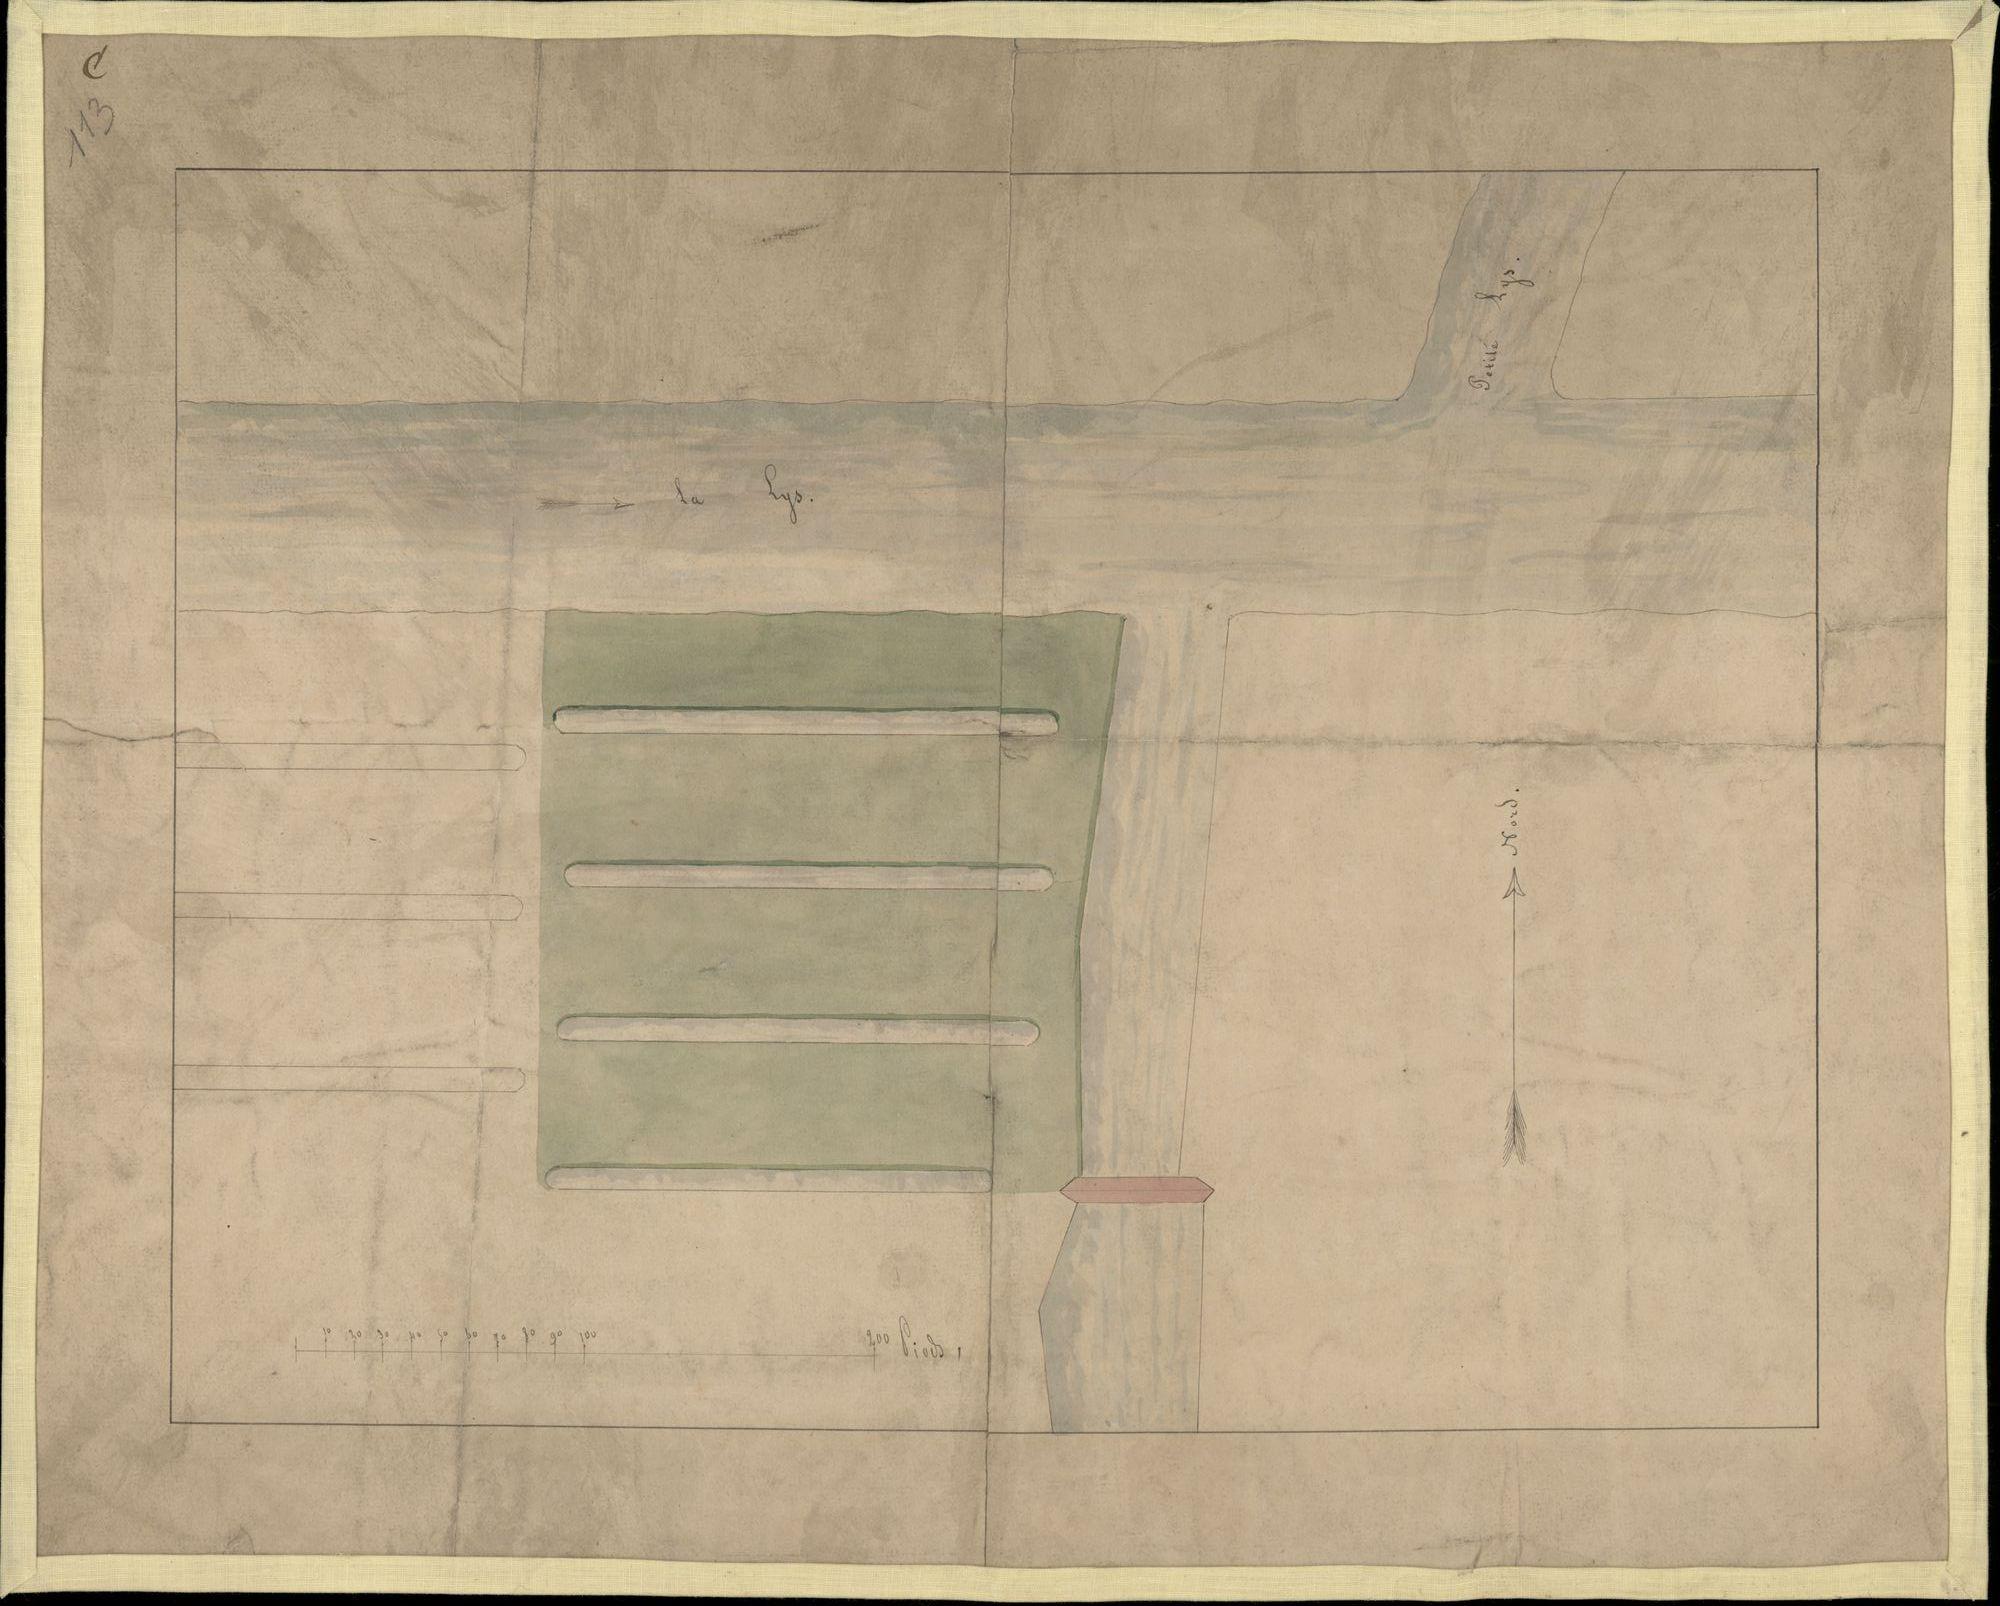 Kaart van een bleekweide tussen de Leie en de stadsvesten, nabij de huidige havenkaai, 19de eeuw